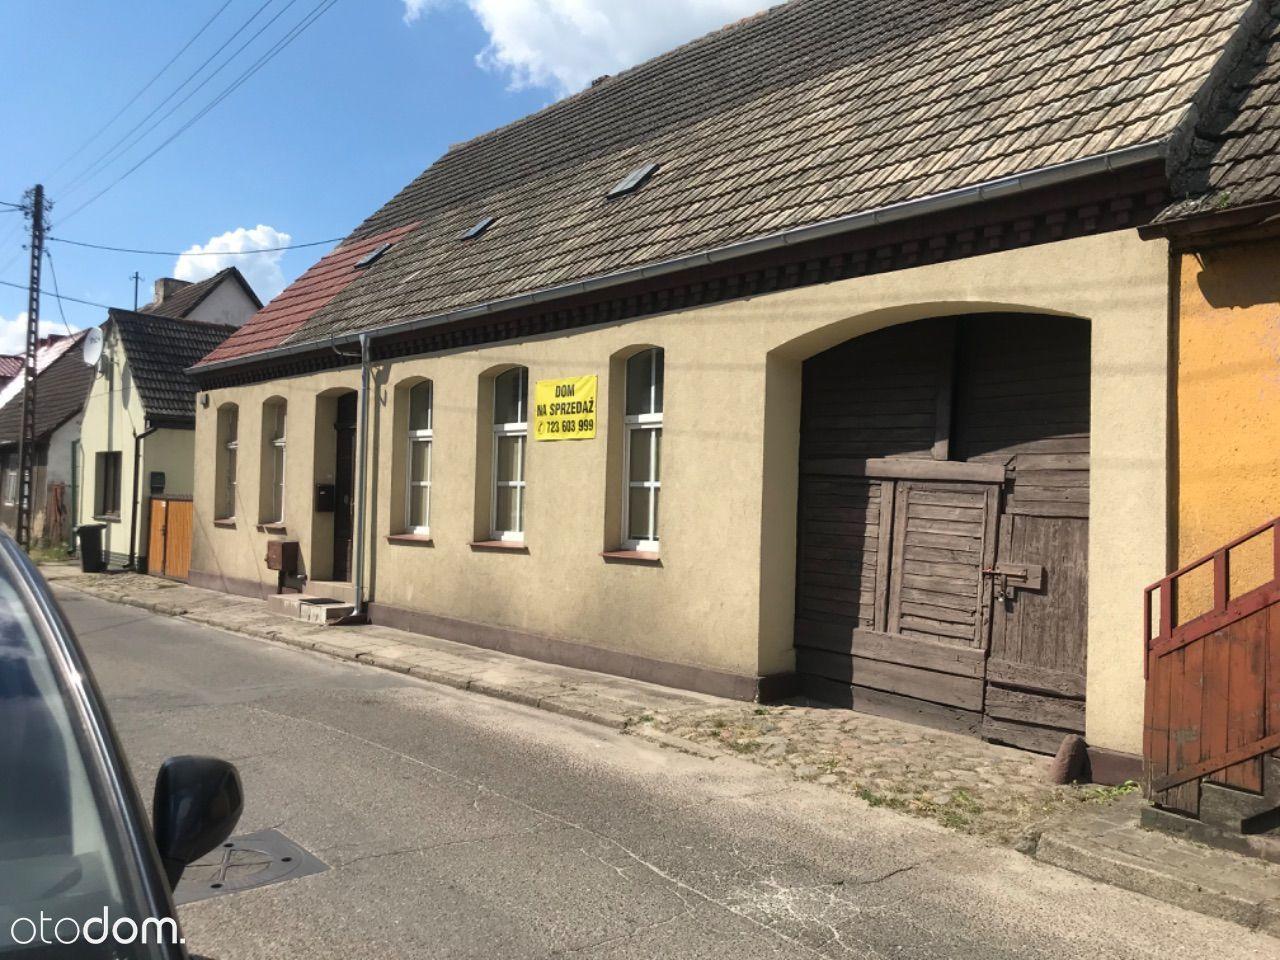 Cały Dom Jednorodzinny z 3 mieszkaniami PRYWATNIE